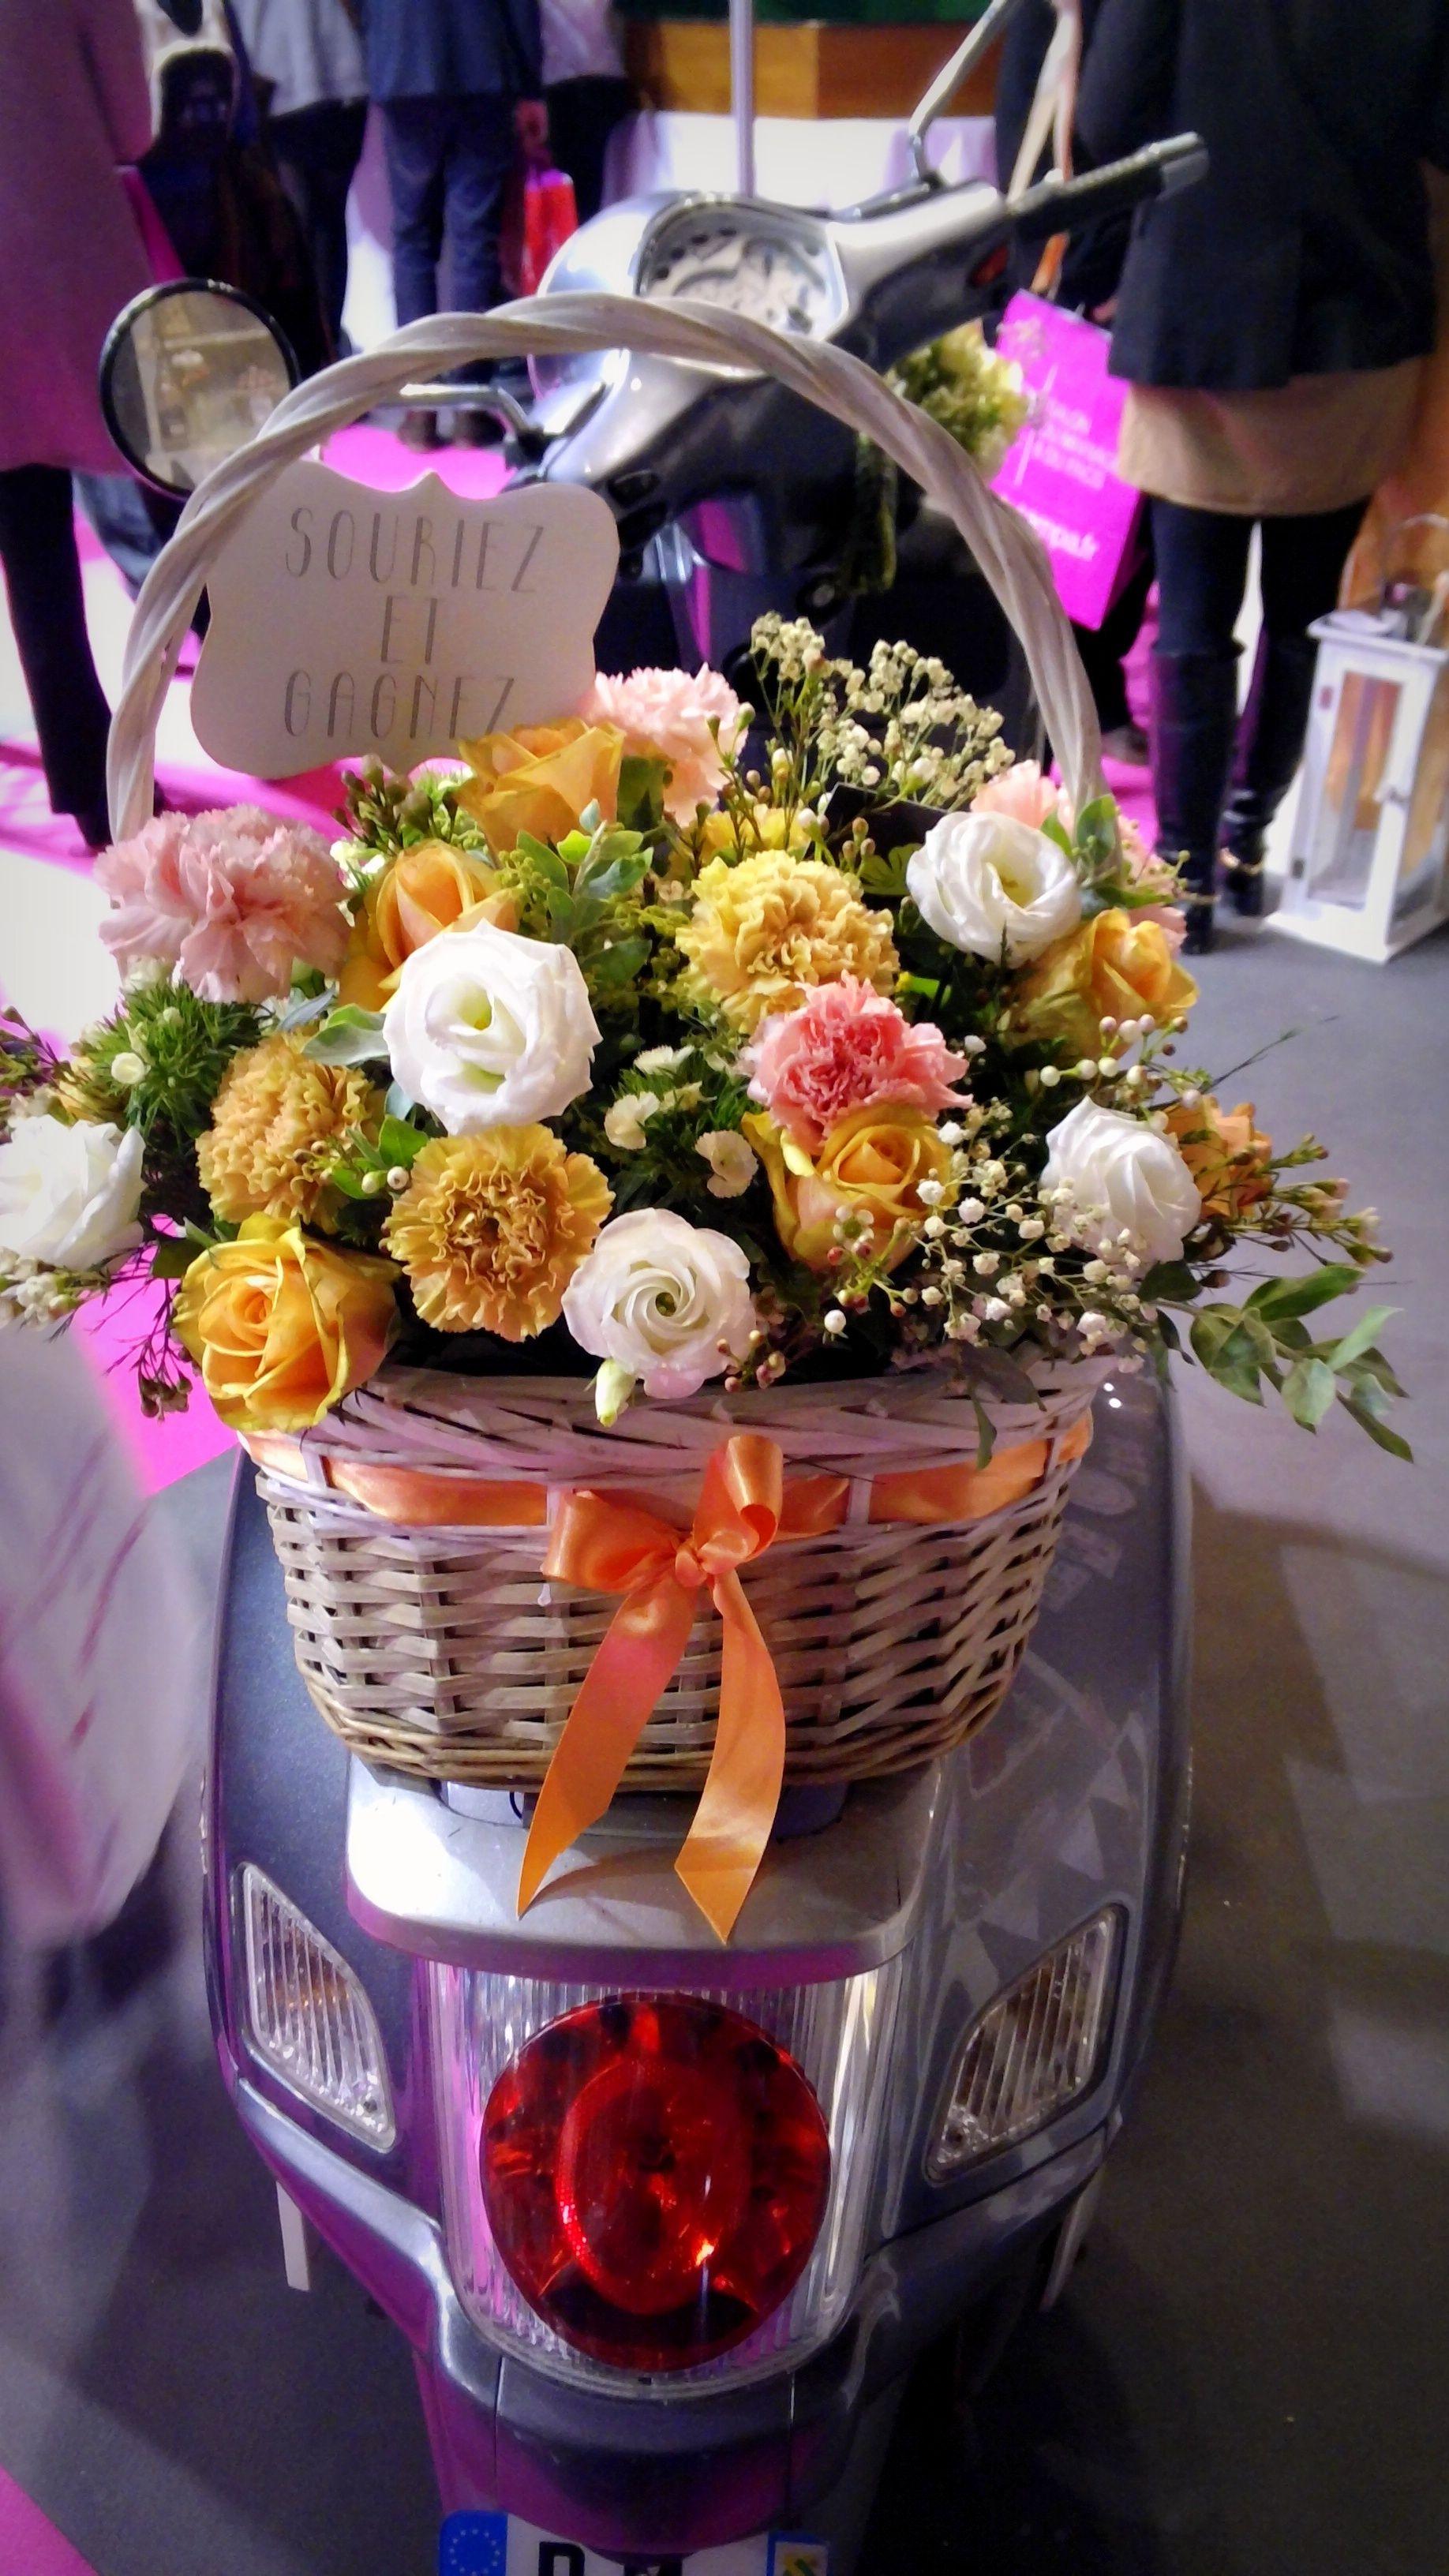 Fleurs-Empreinte végétale